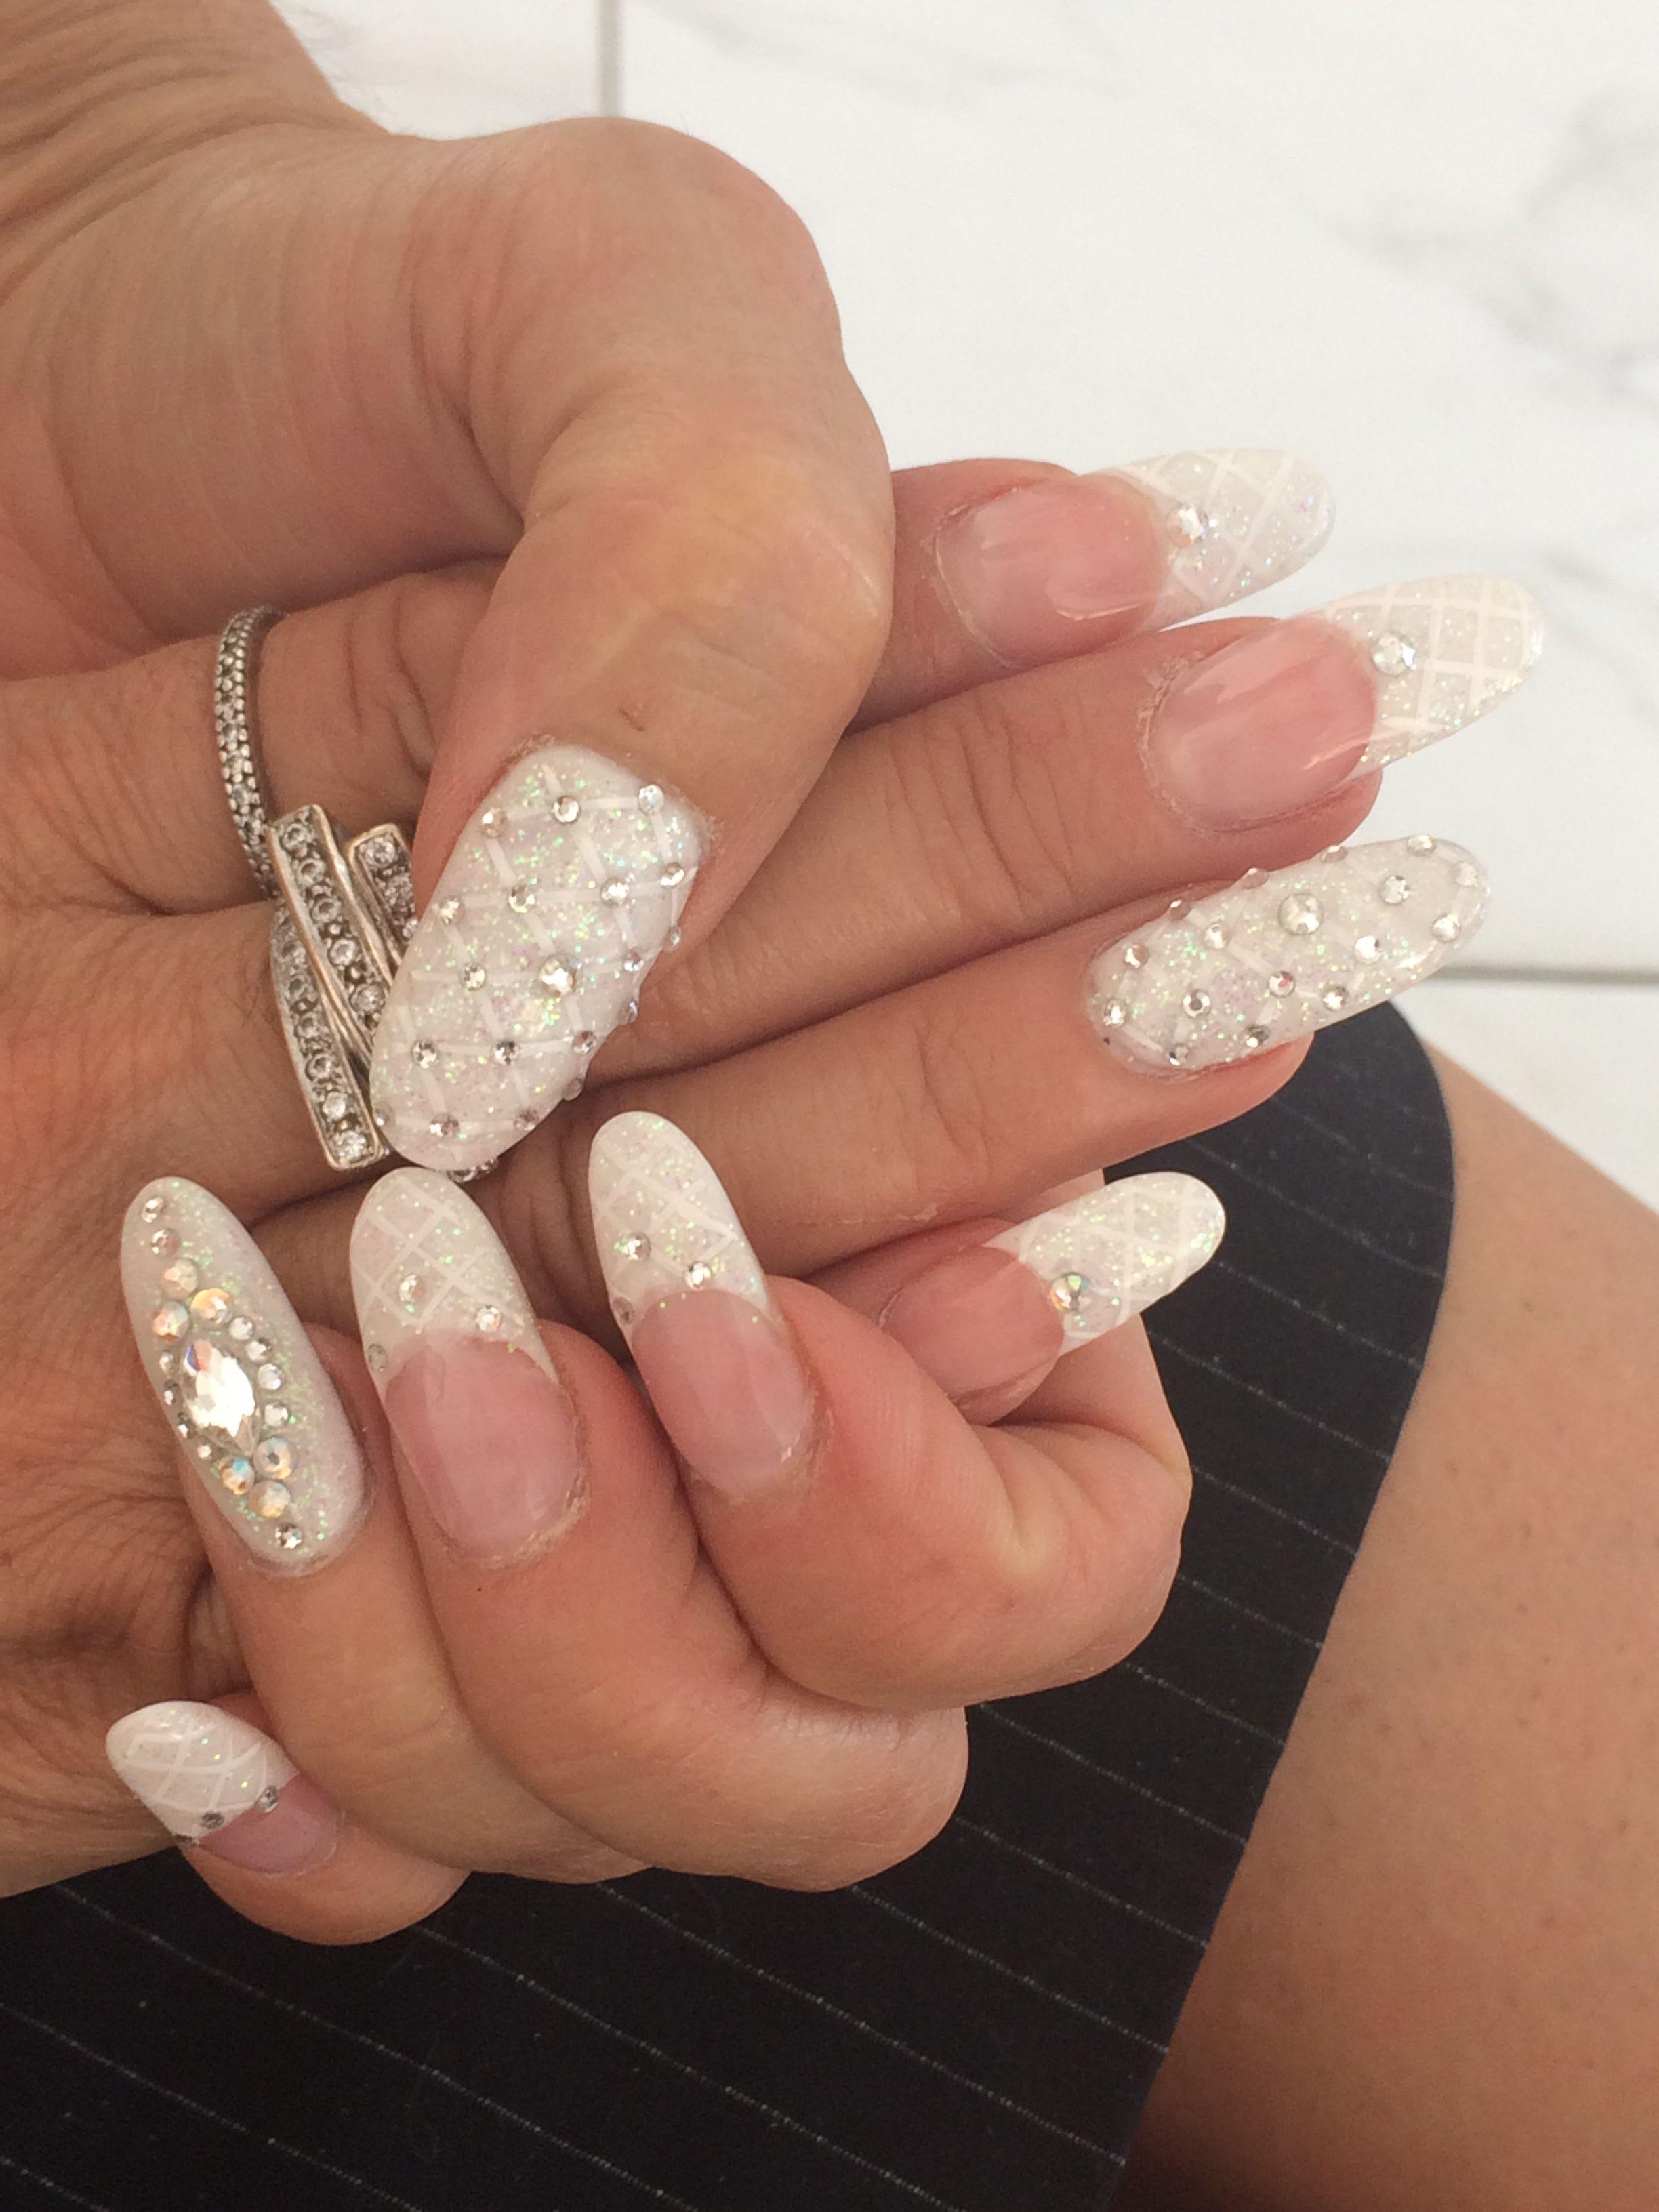 Acrylic nail design, oval nails, nail design, french design | Nail ...